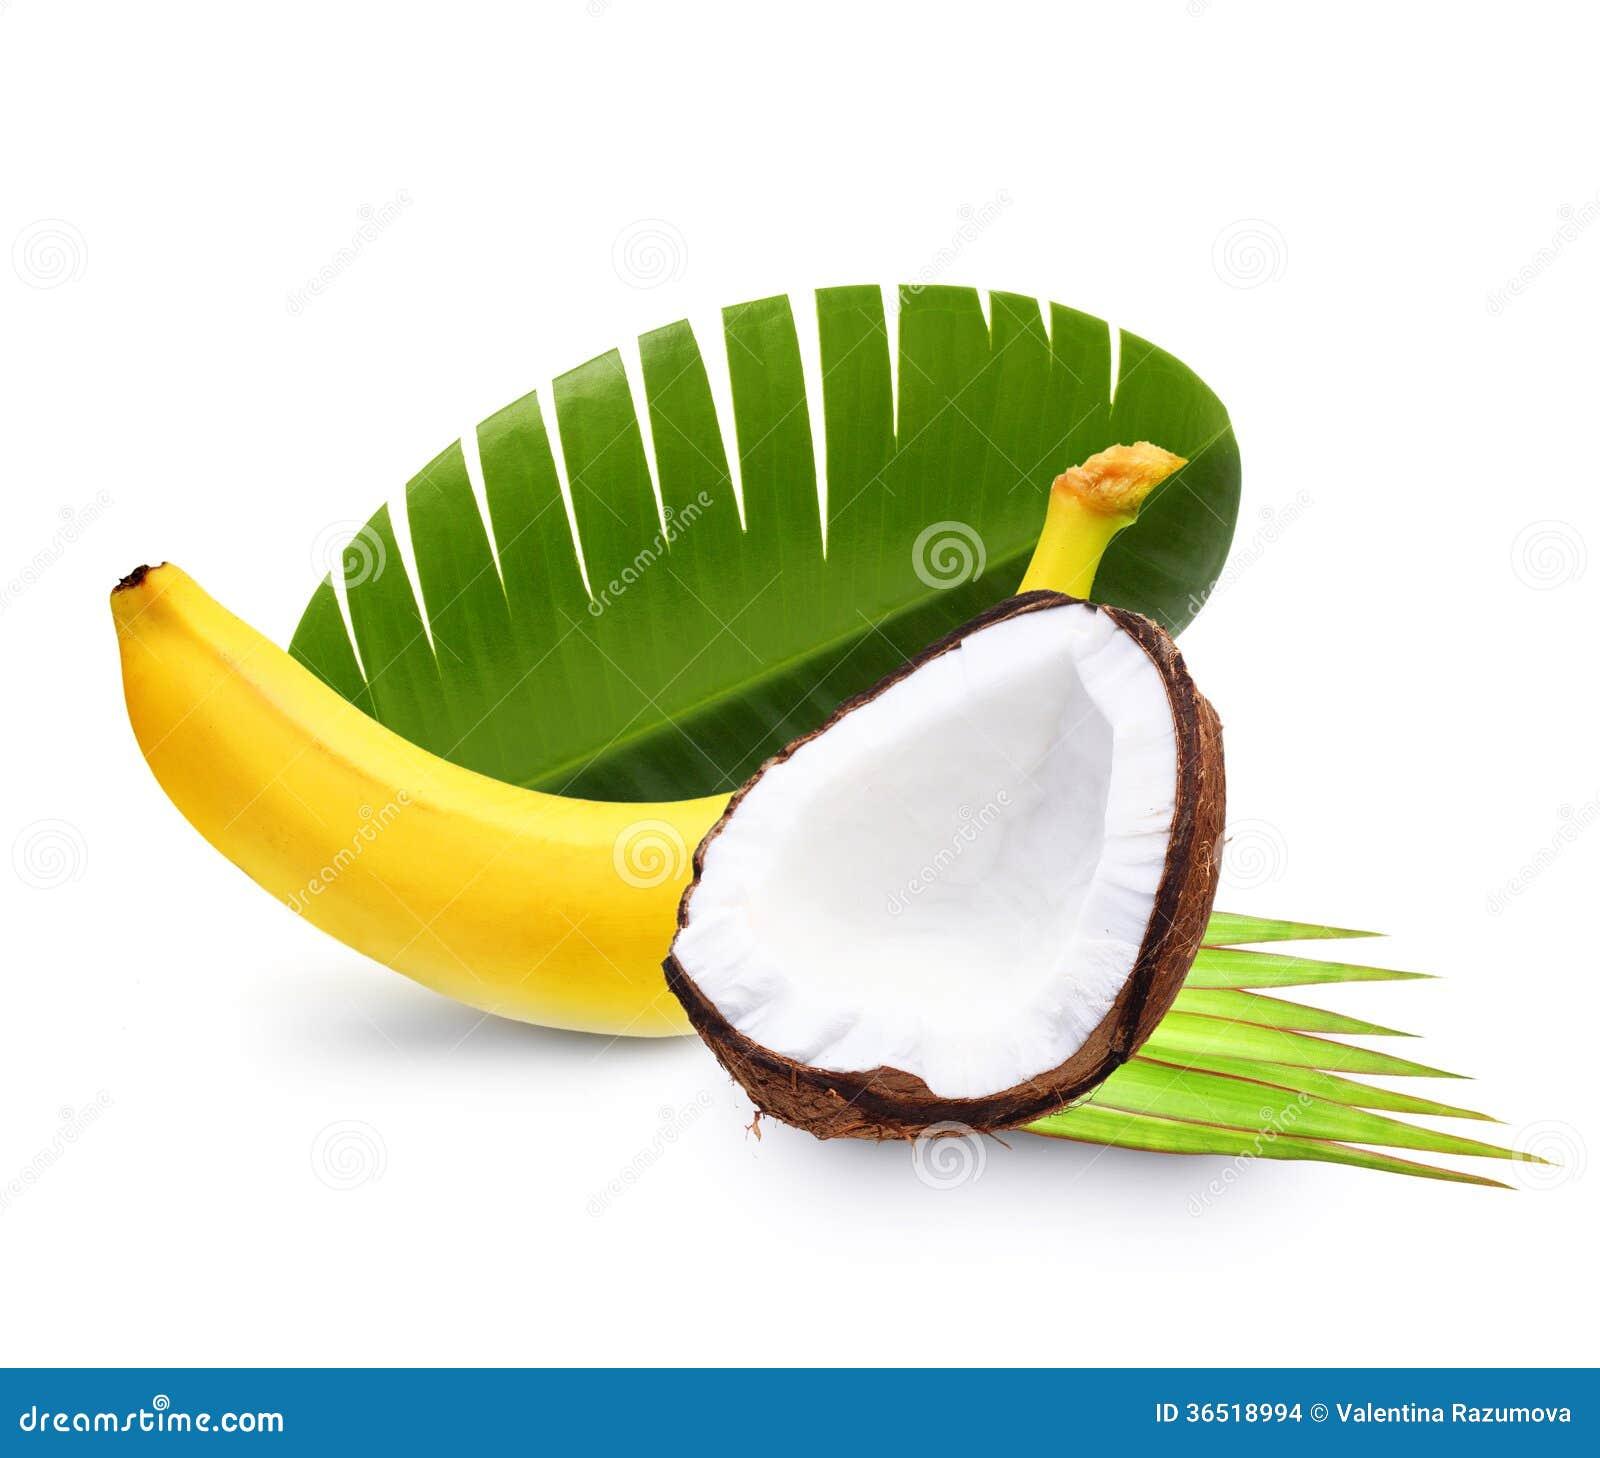 Banane mûre et noix de coco d isolement